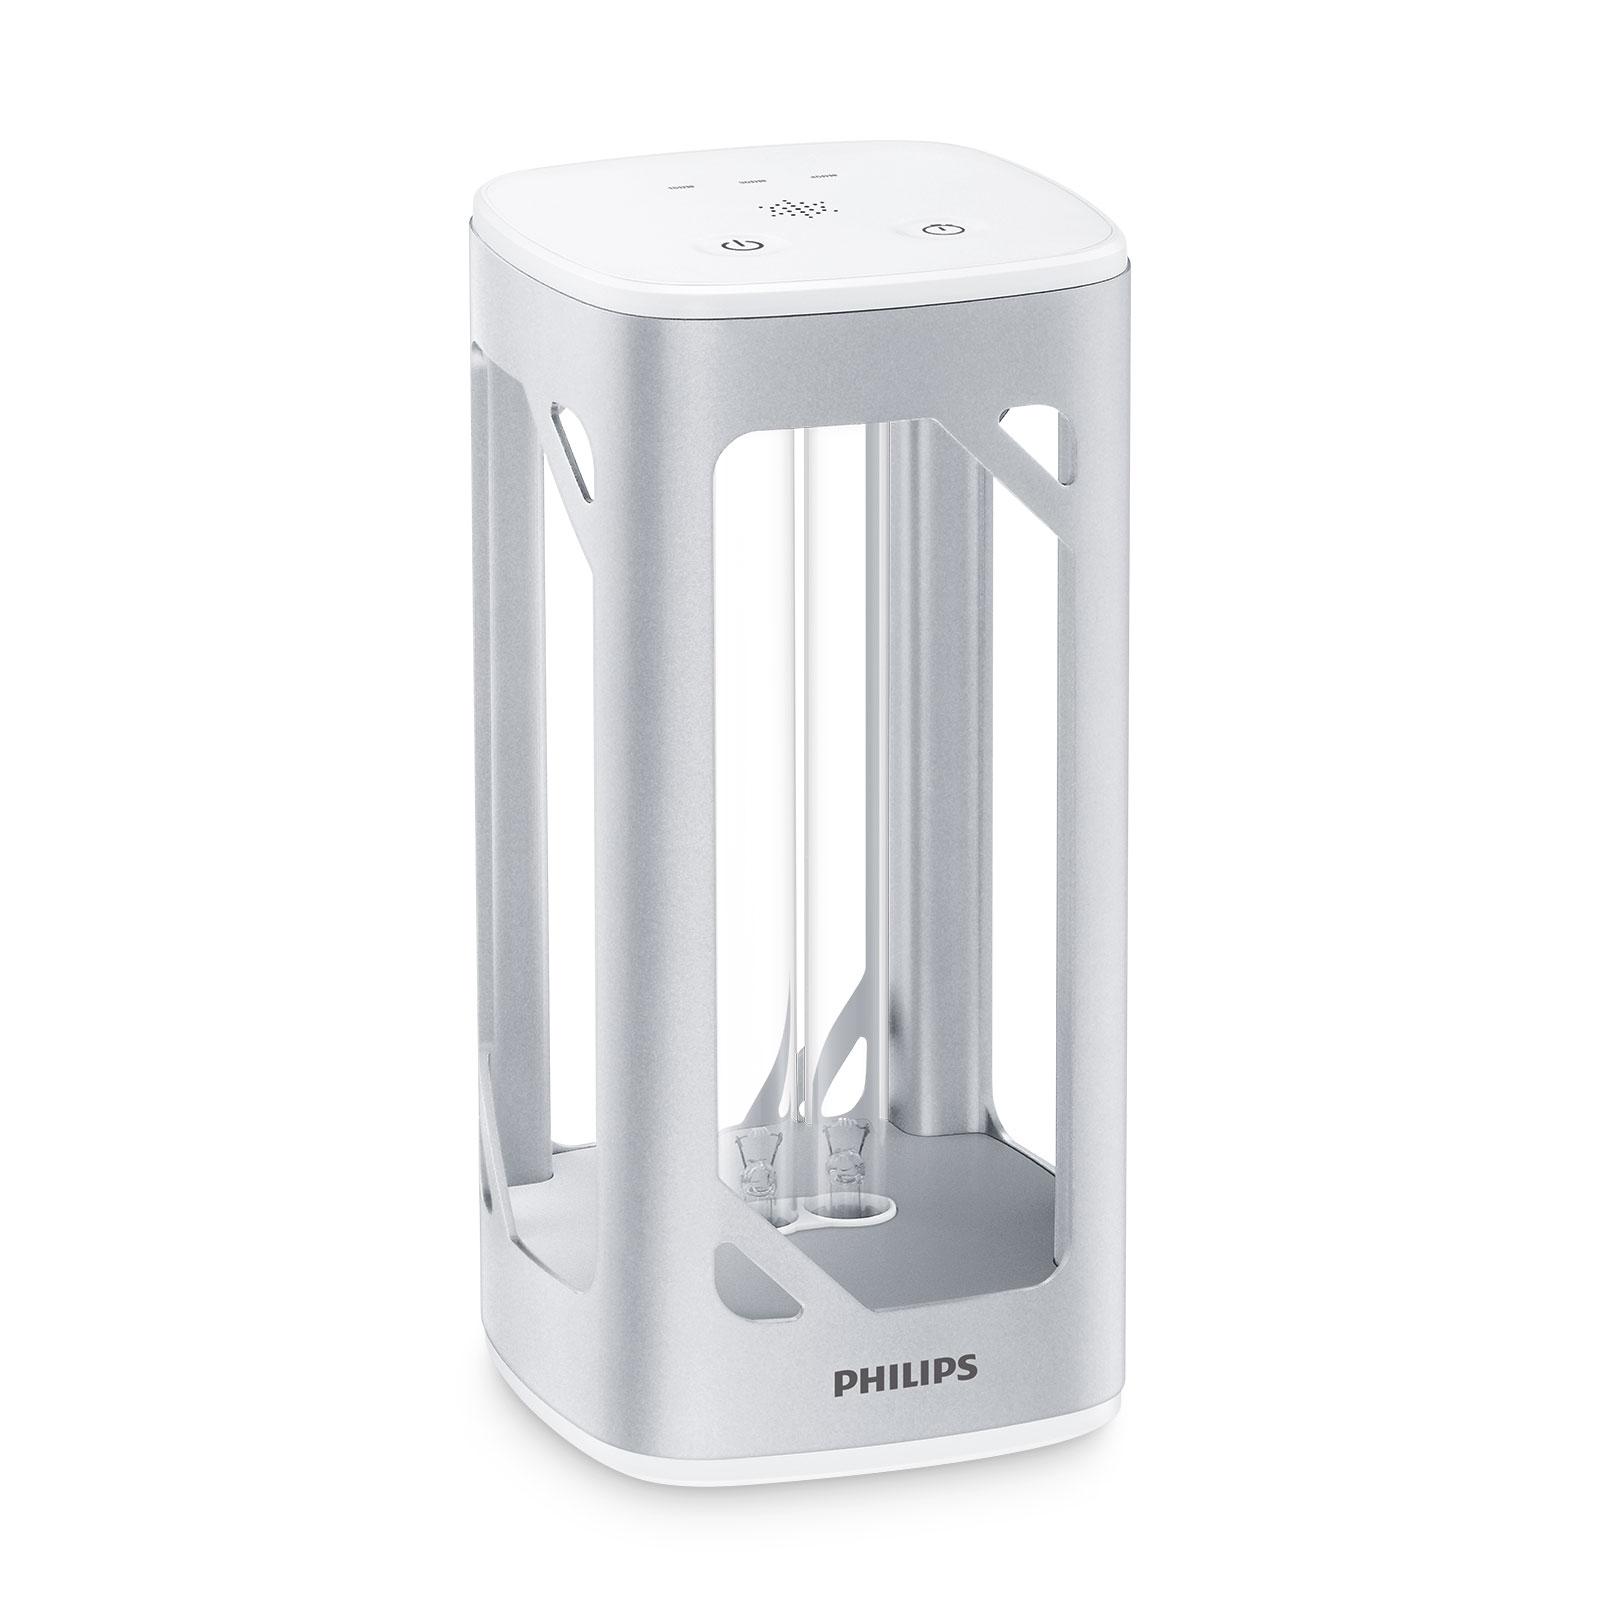 Lampa stołowa Philips UV-C do dezynfekcji